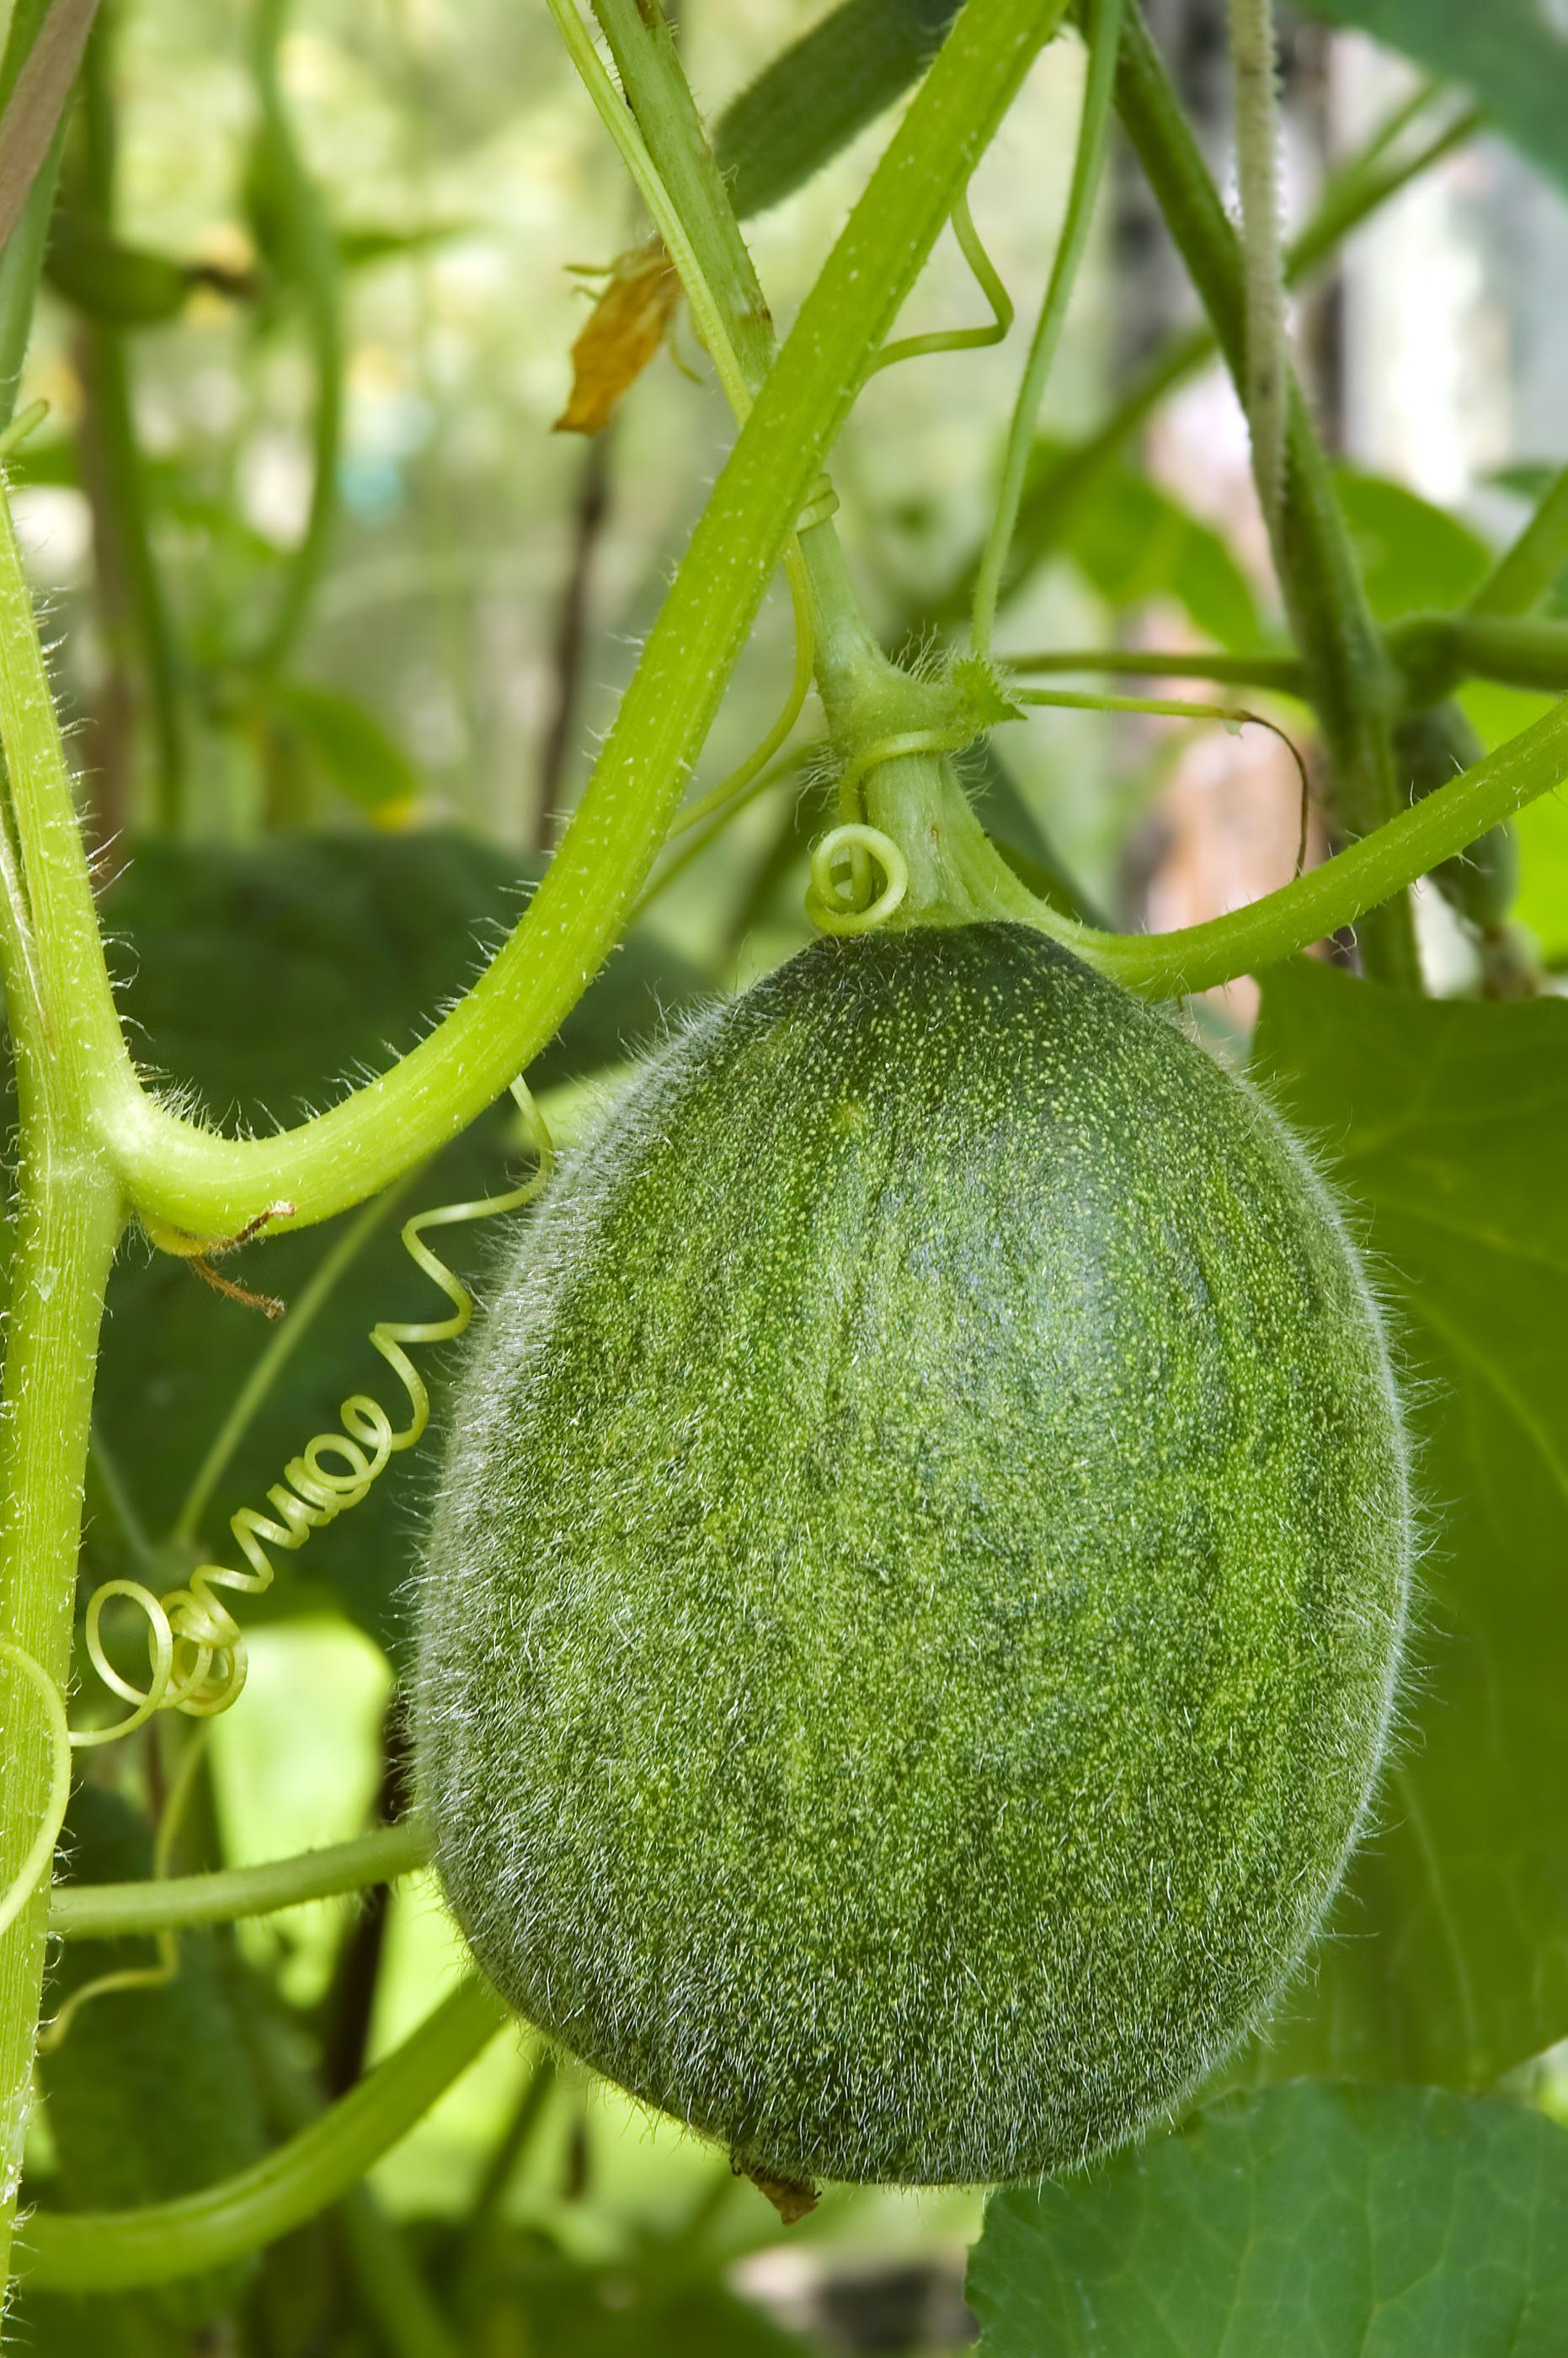 wassermelone pflanzen, pflegen und ernten, desmondo